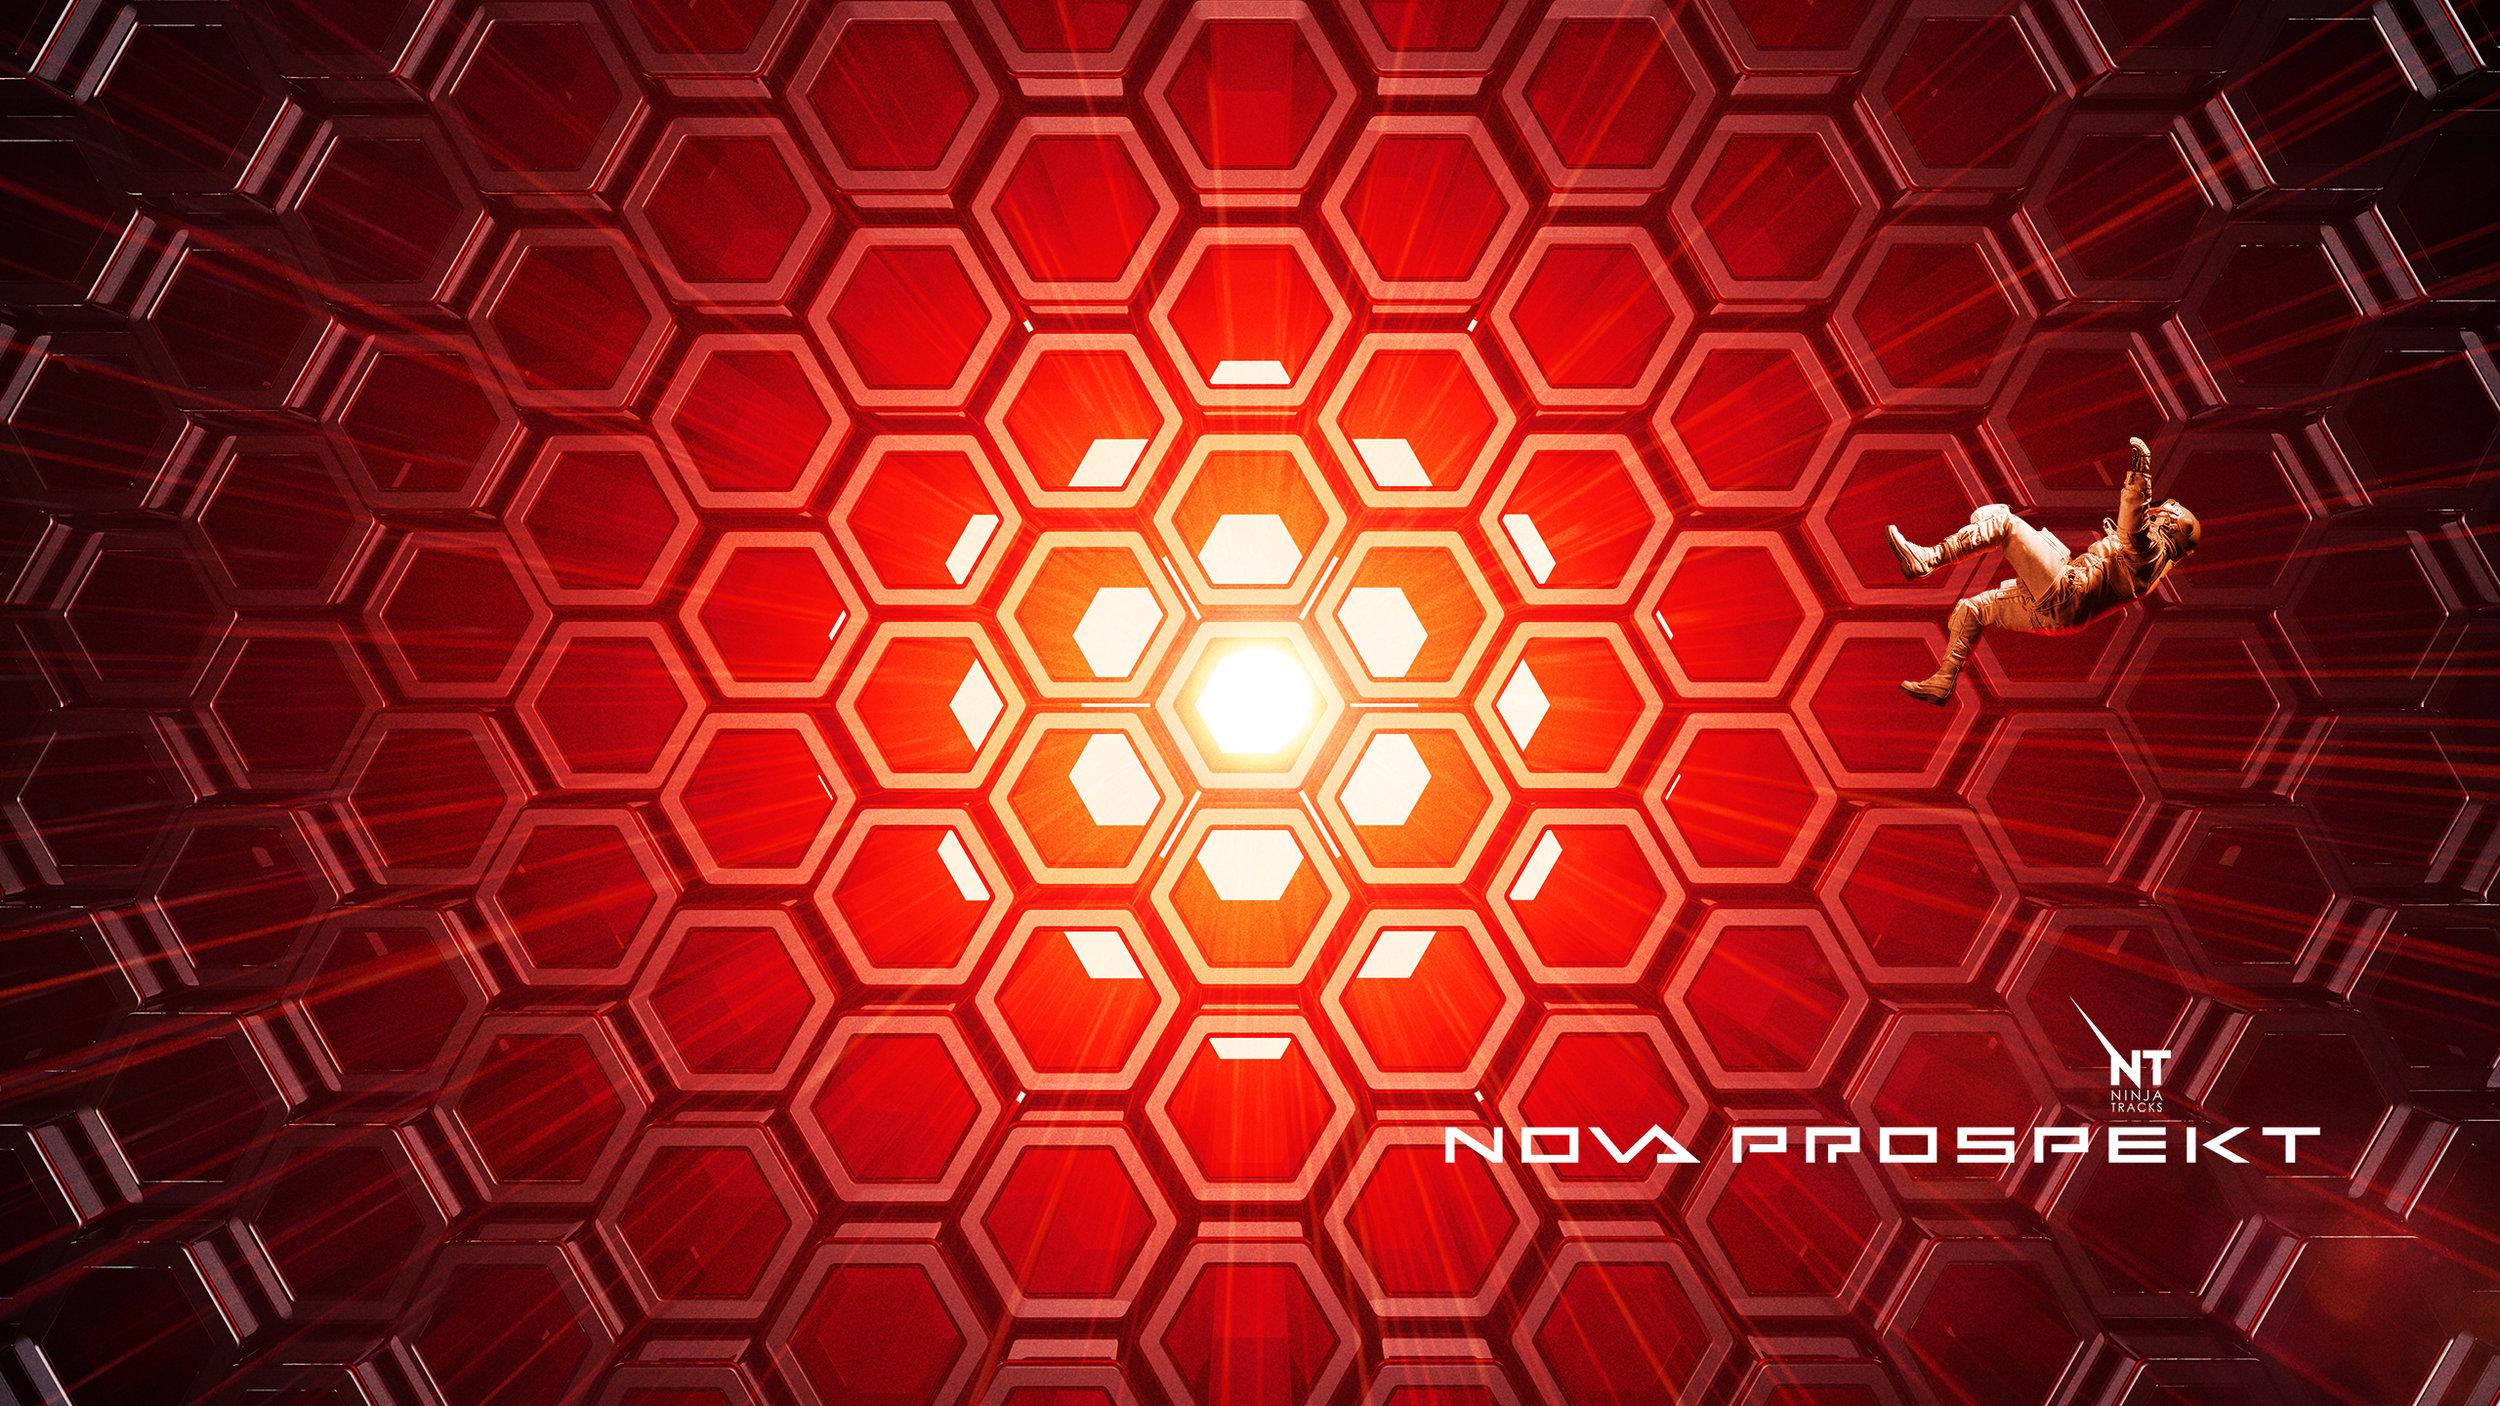 NOVA PROSPEKT-2560x1600.jpg